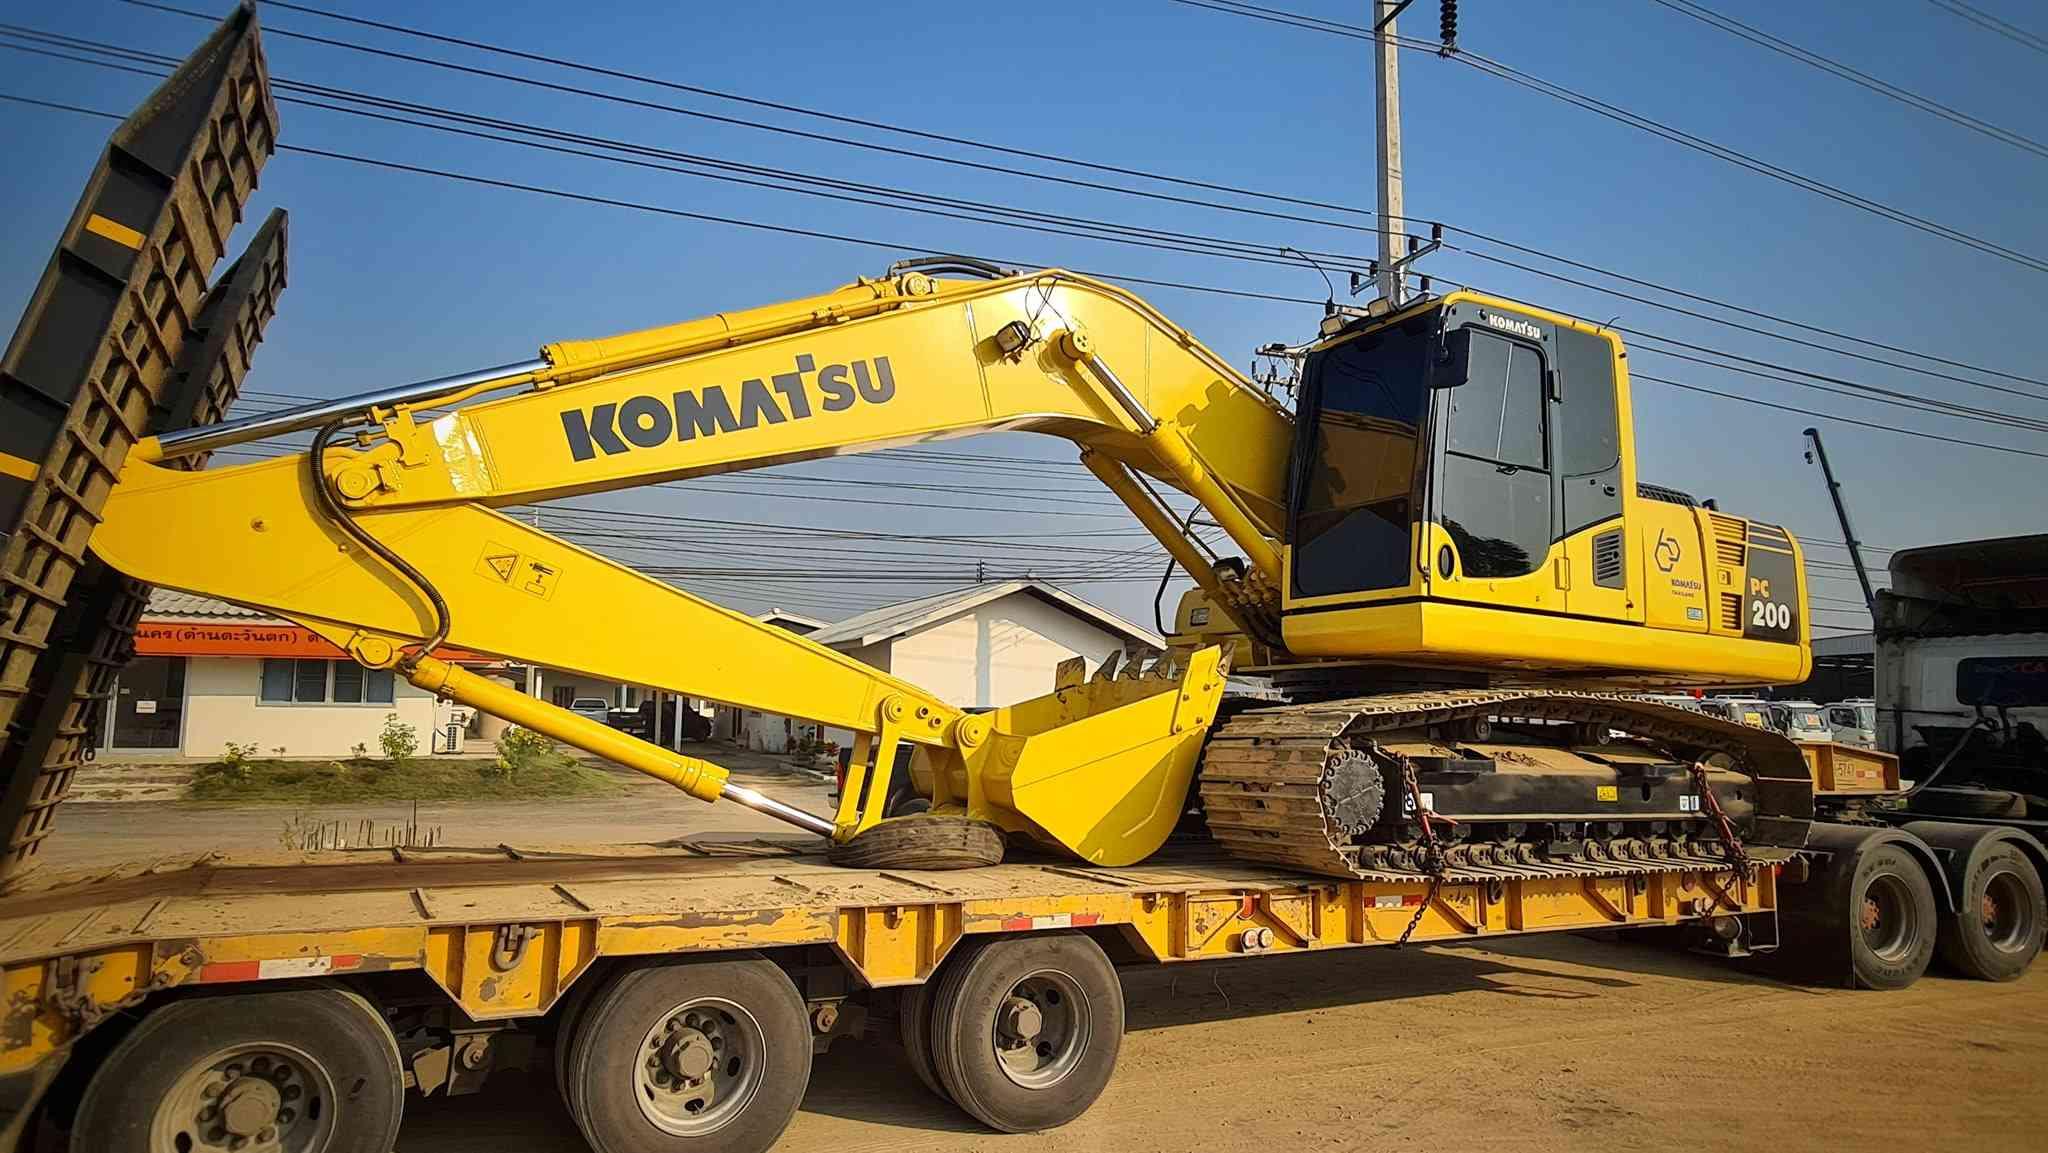 ส่งมอบ รถขุดมือสอง KOMATSU PC200-8M0